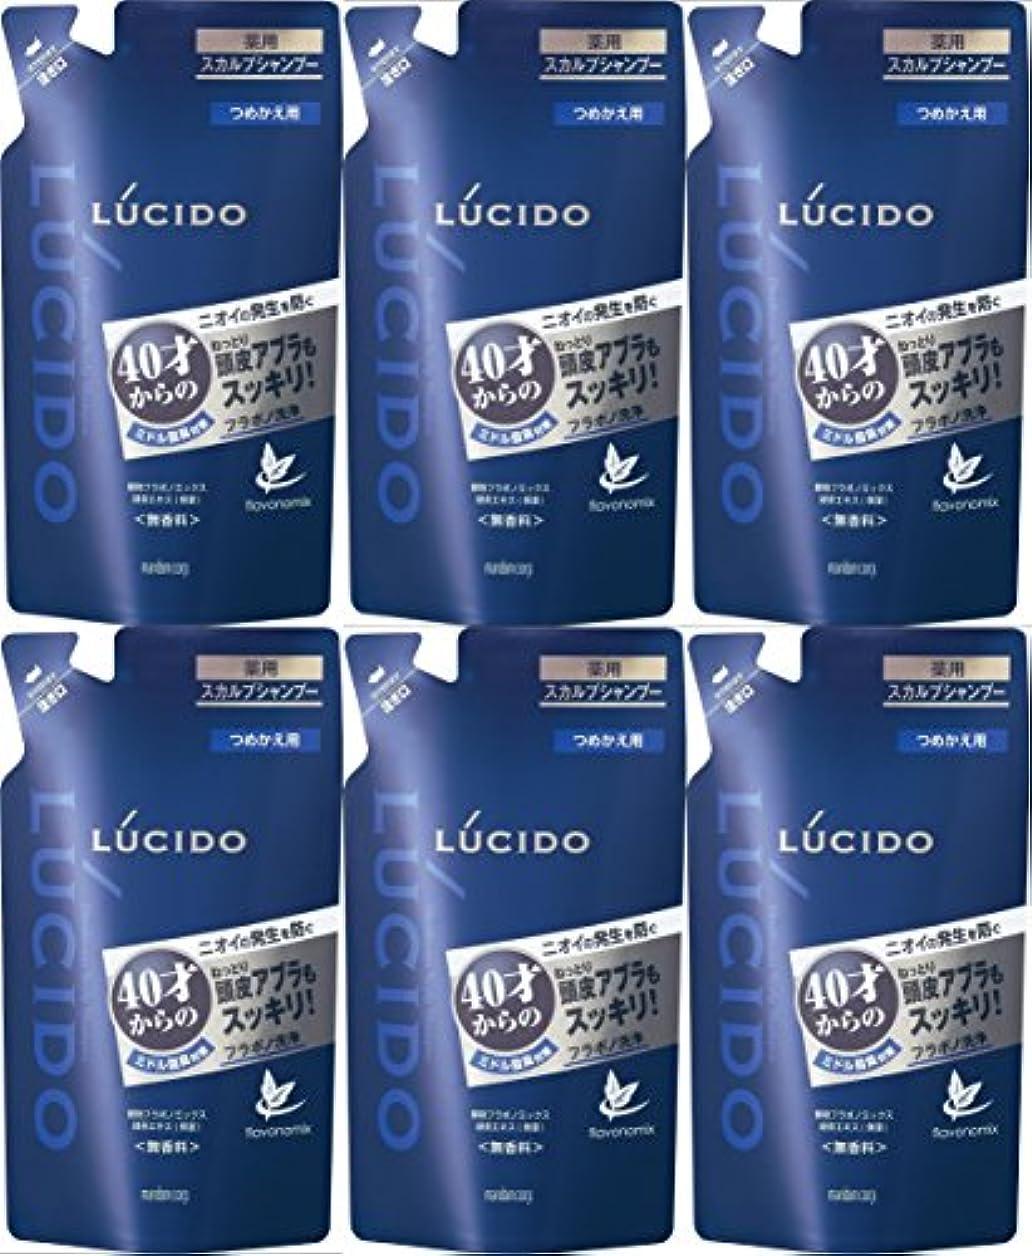 【6個セット】ルシード 薬用スカルプデオシャンプー つめかえ380ml